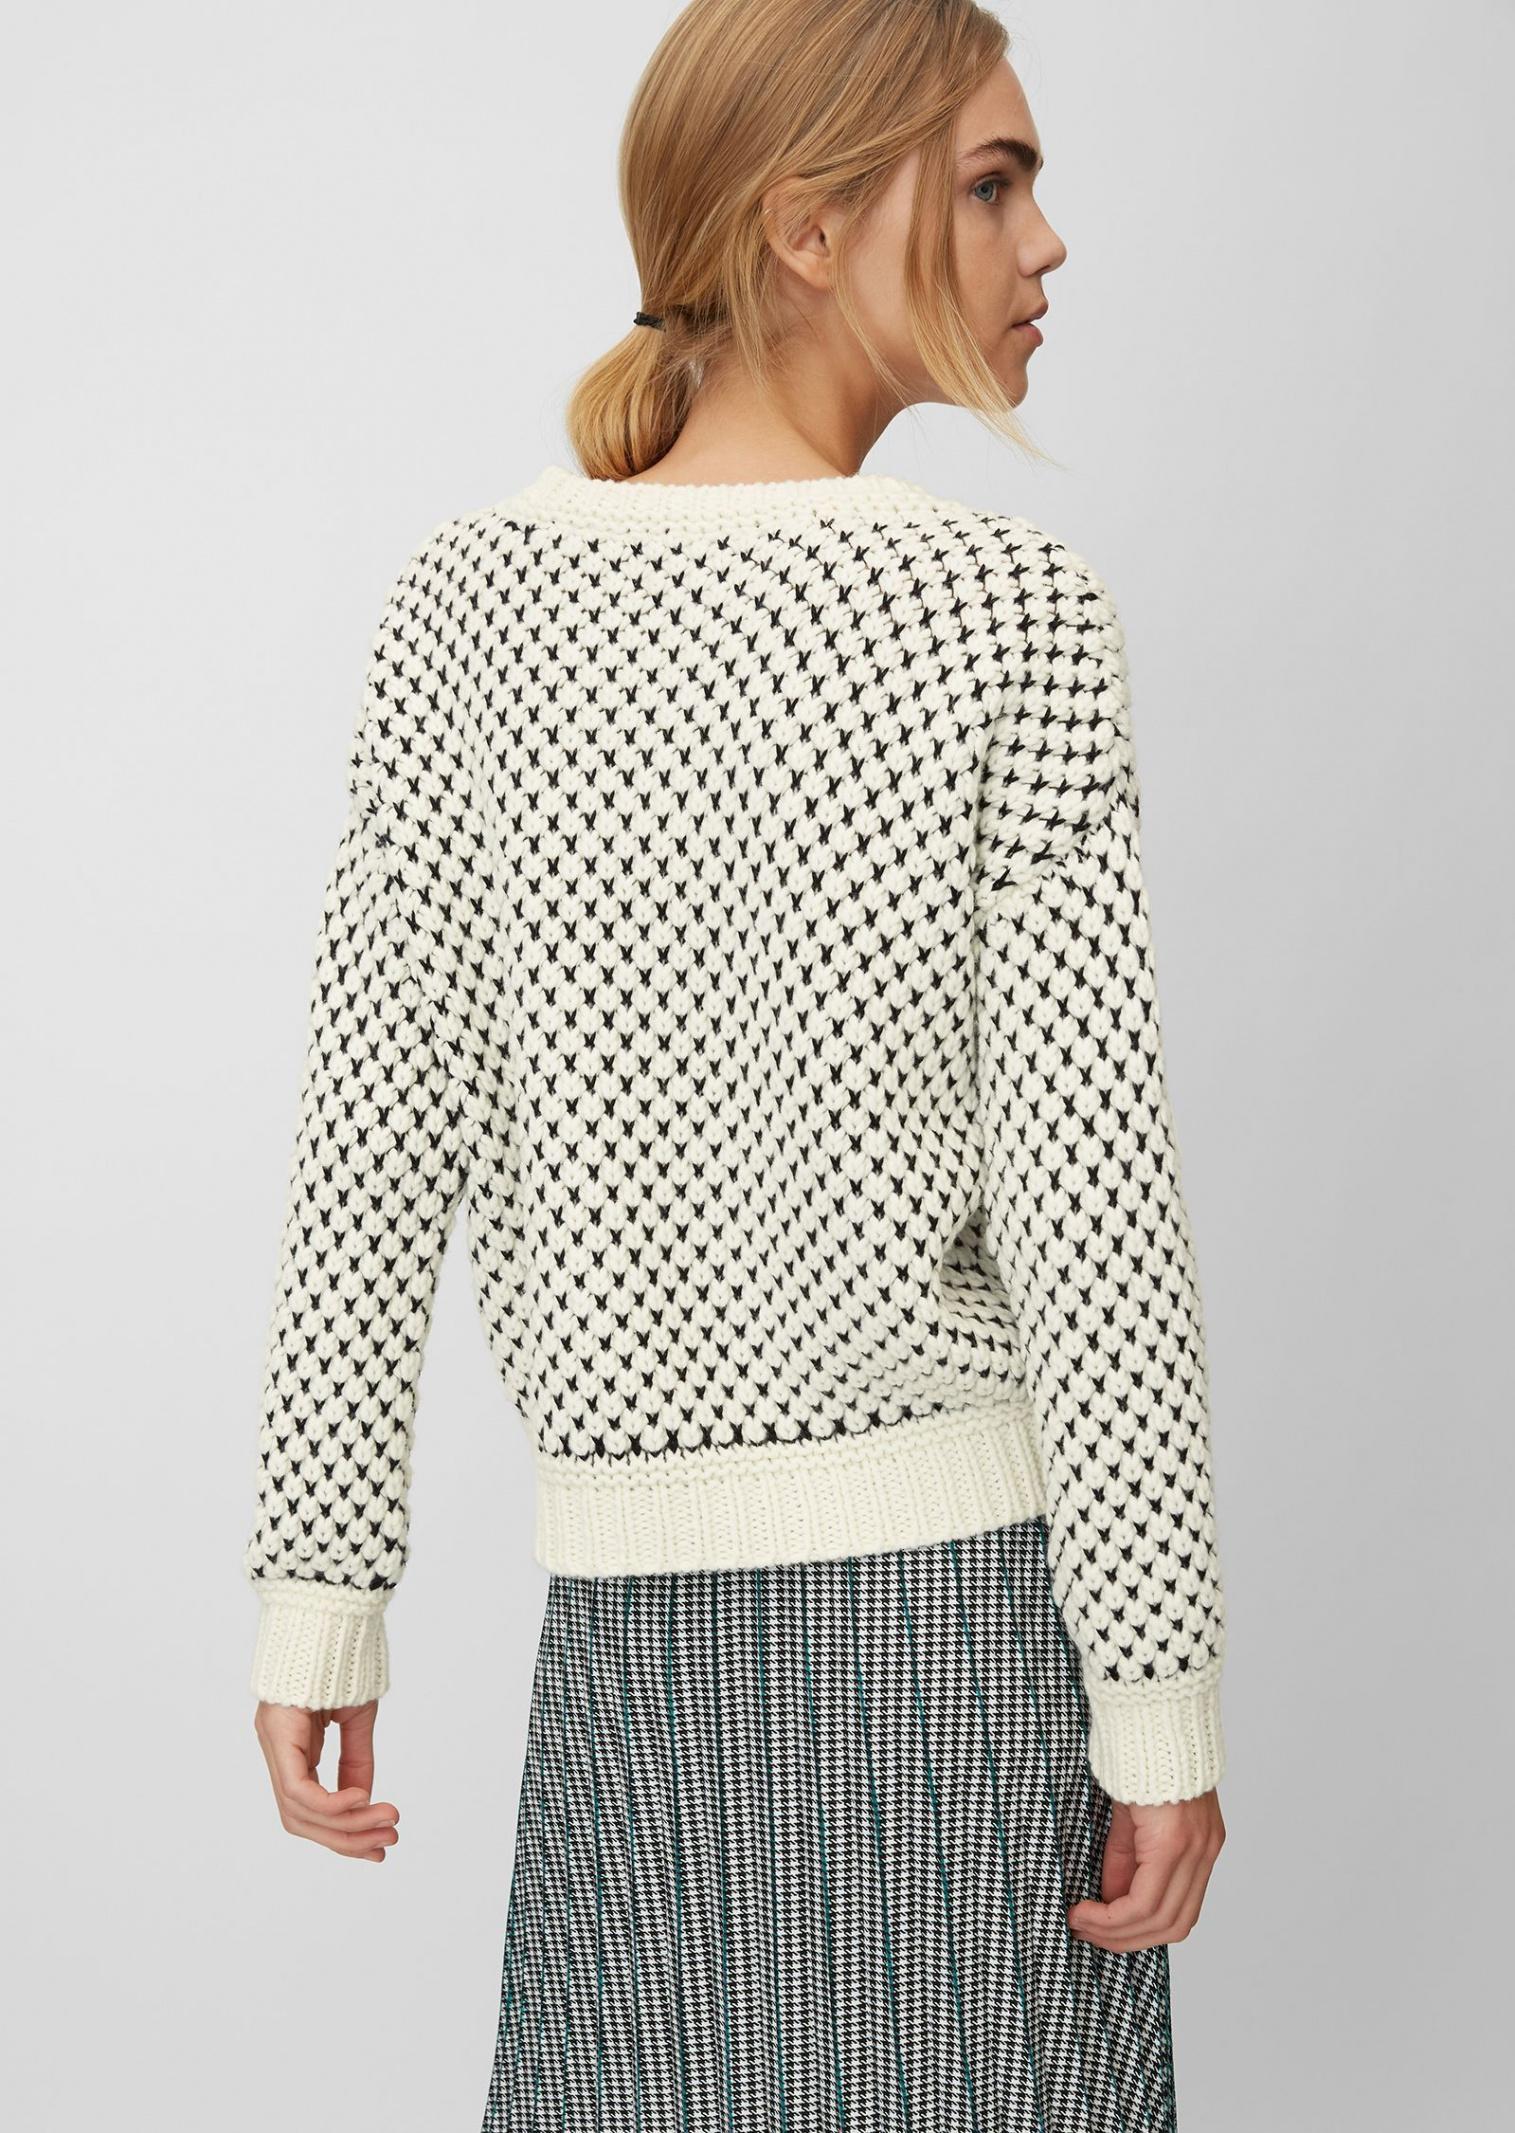 MARC O'POLO DENIM Кофти та светри жіночі модель 950620560821-N90 якість, 2017